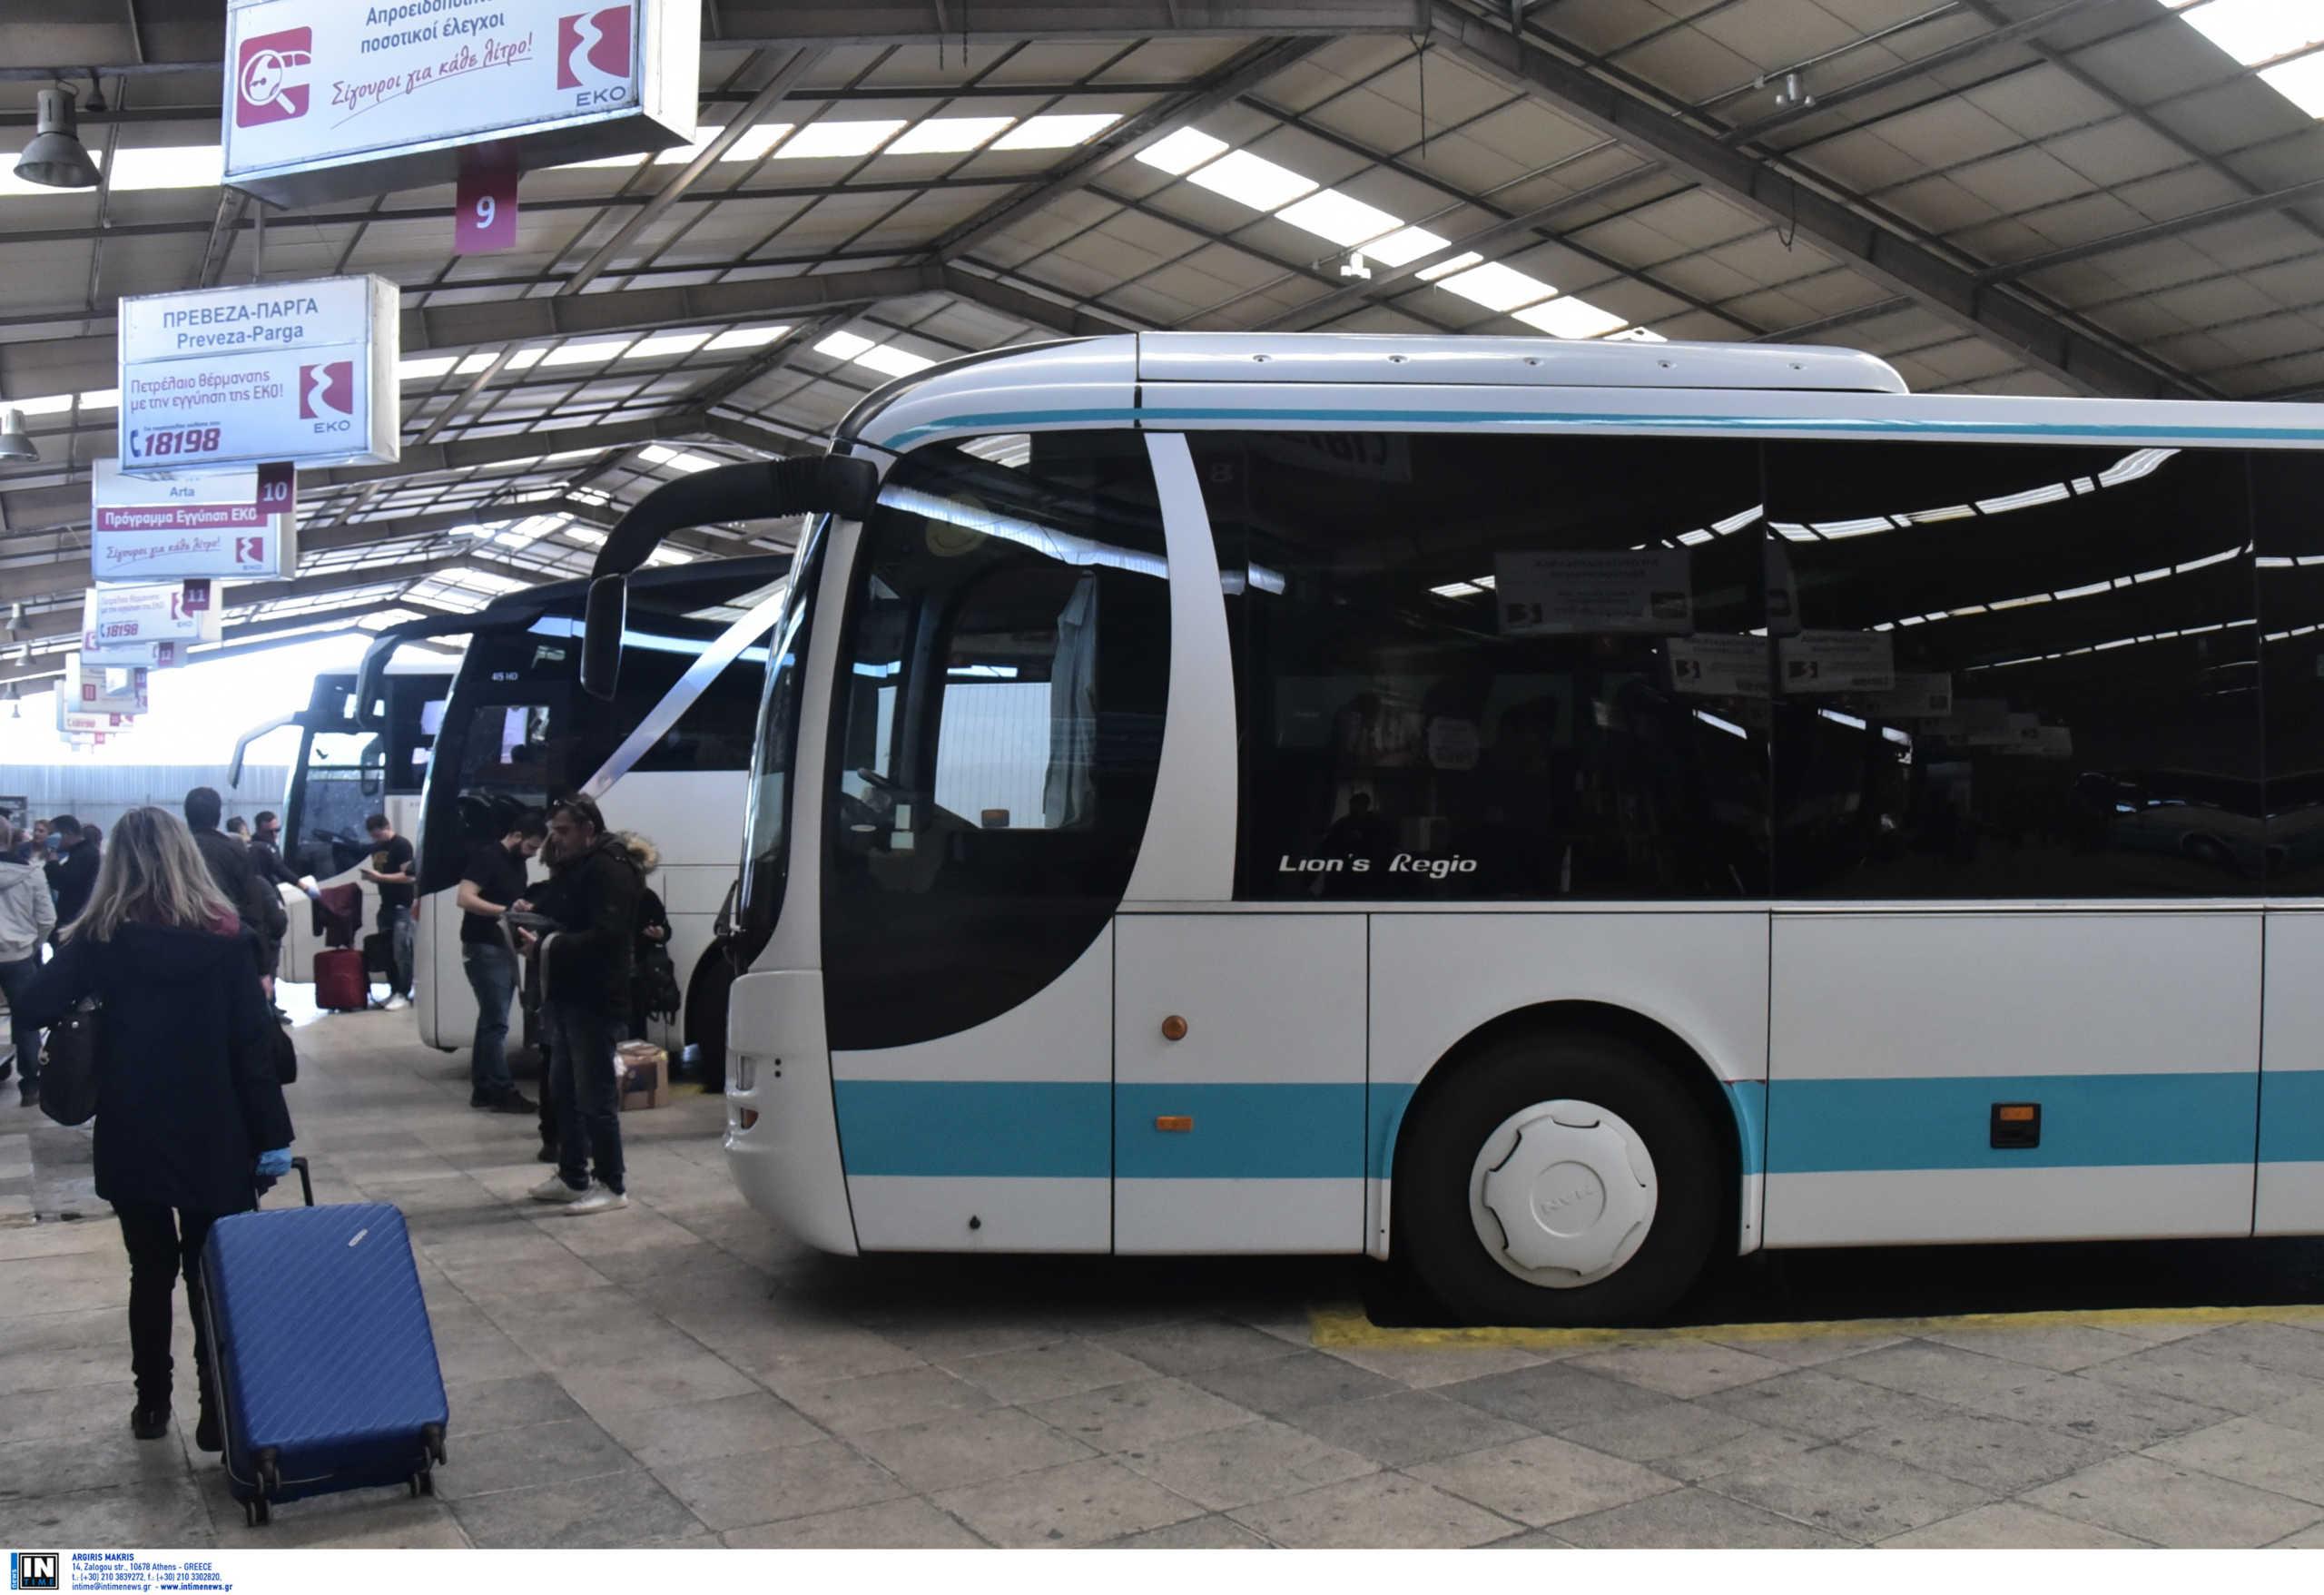 Μέχρι τέλος Νοεμβρίου 200 ΚΤΕΛ γίνονται λεωφορεία – Τι θα ισχύσει με τα εισιτήρια